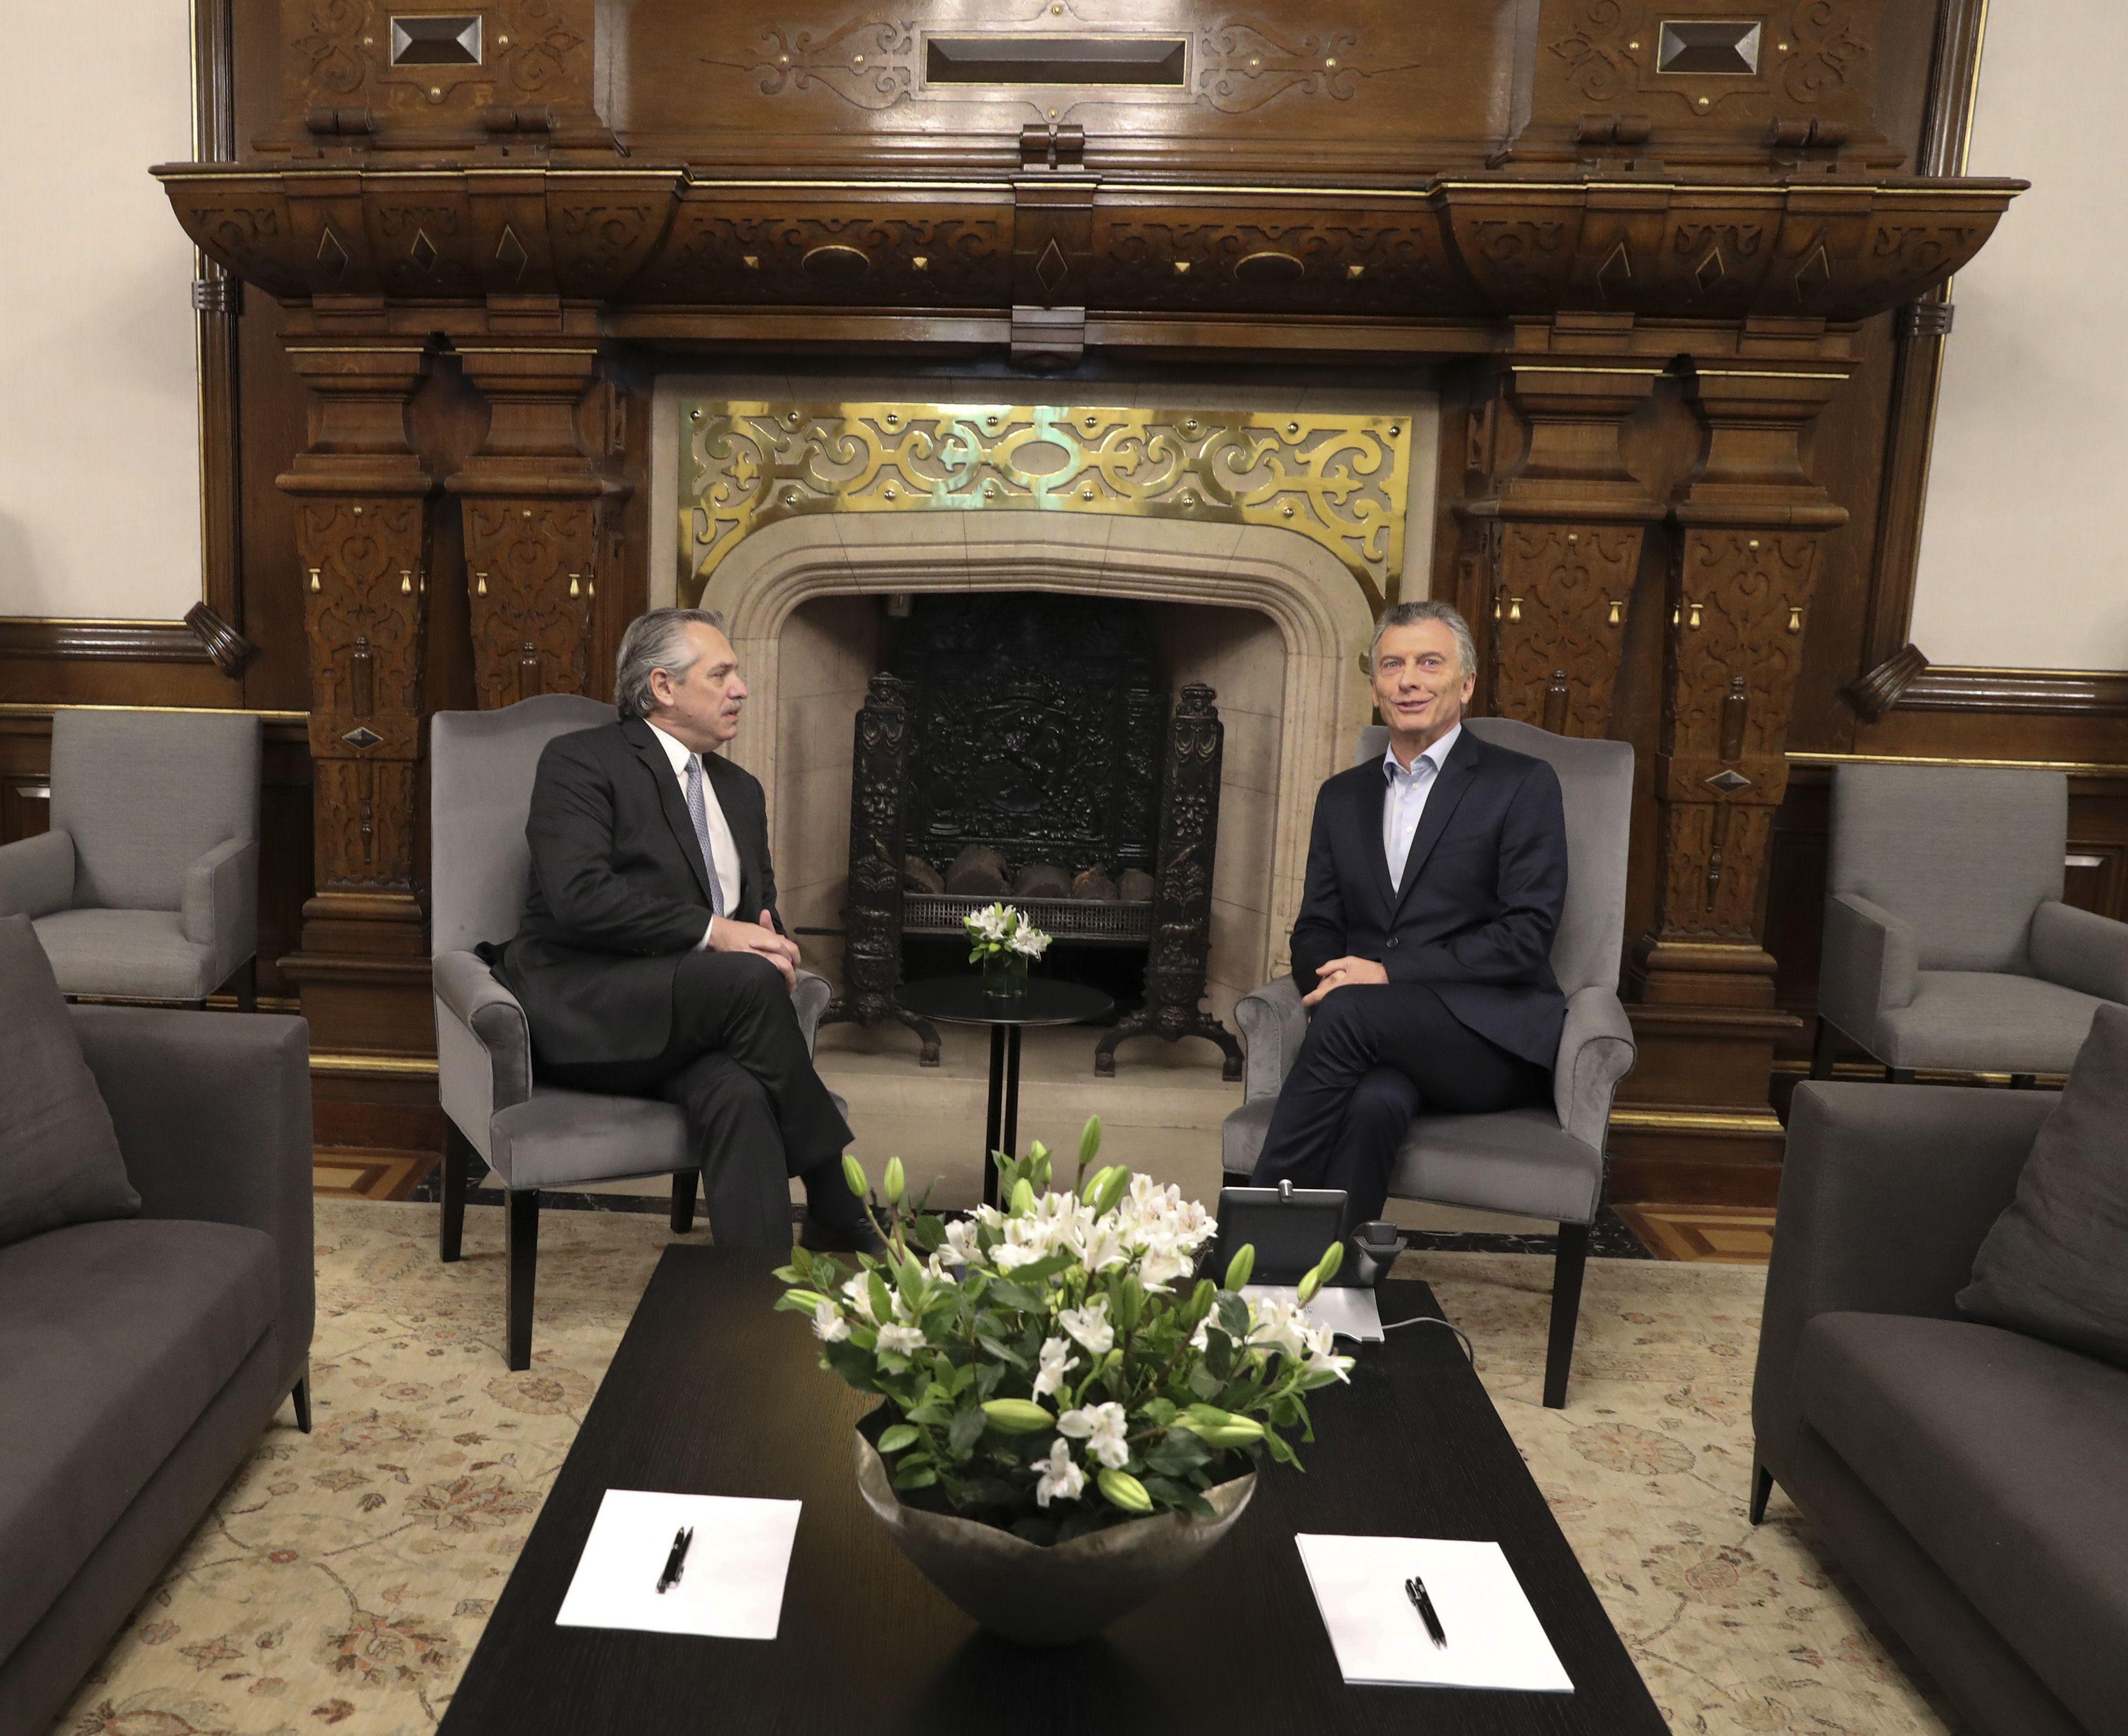 A poco del traspaso, Alberto Fernández y Macri compartirán la misa por la unidad y la paz